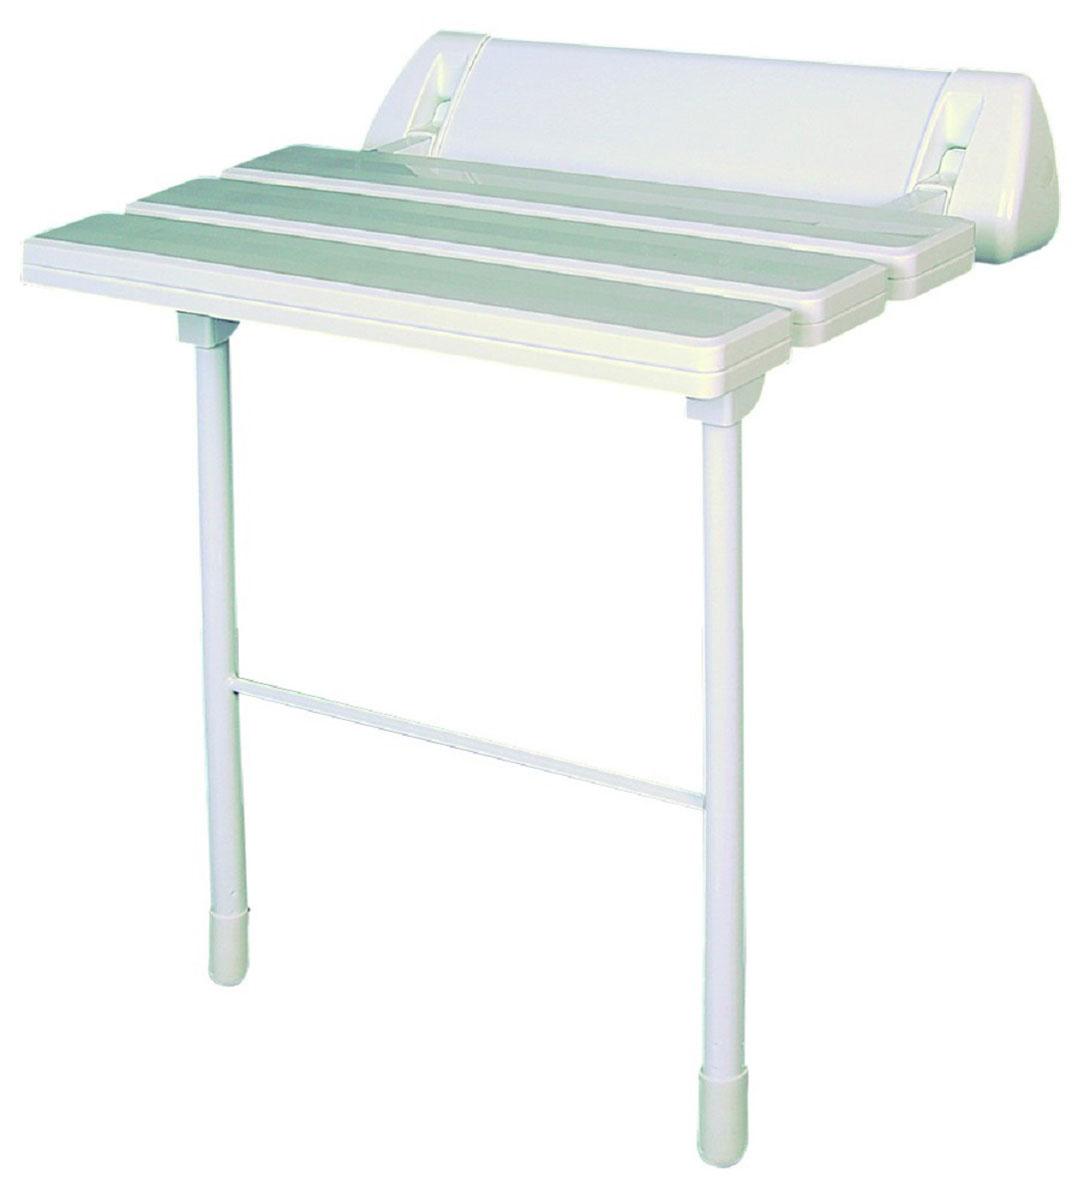 Сиденье в ванну Ridder, цвет: белый. А0020301А0020301Высококачественное немецкое сиденье для ванны разработано и запатентовано компанией Ridder. Данное изделие имеет откидной механизм. Посадочная часть состоит из рифленых реек, не впитывающих влагу. Ножки регулируются по высоте - 460 - 485 мм. Длина сидения - 510 мм. Глубина сидения - 230 мм. Максимальная нагрузка - 250 кг. Состав: каркас - алюминий, сиденье - пластик. В комплект входят саморезы+дюбели и инструкция.